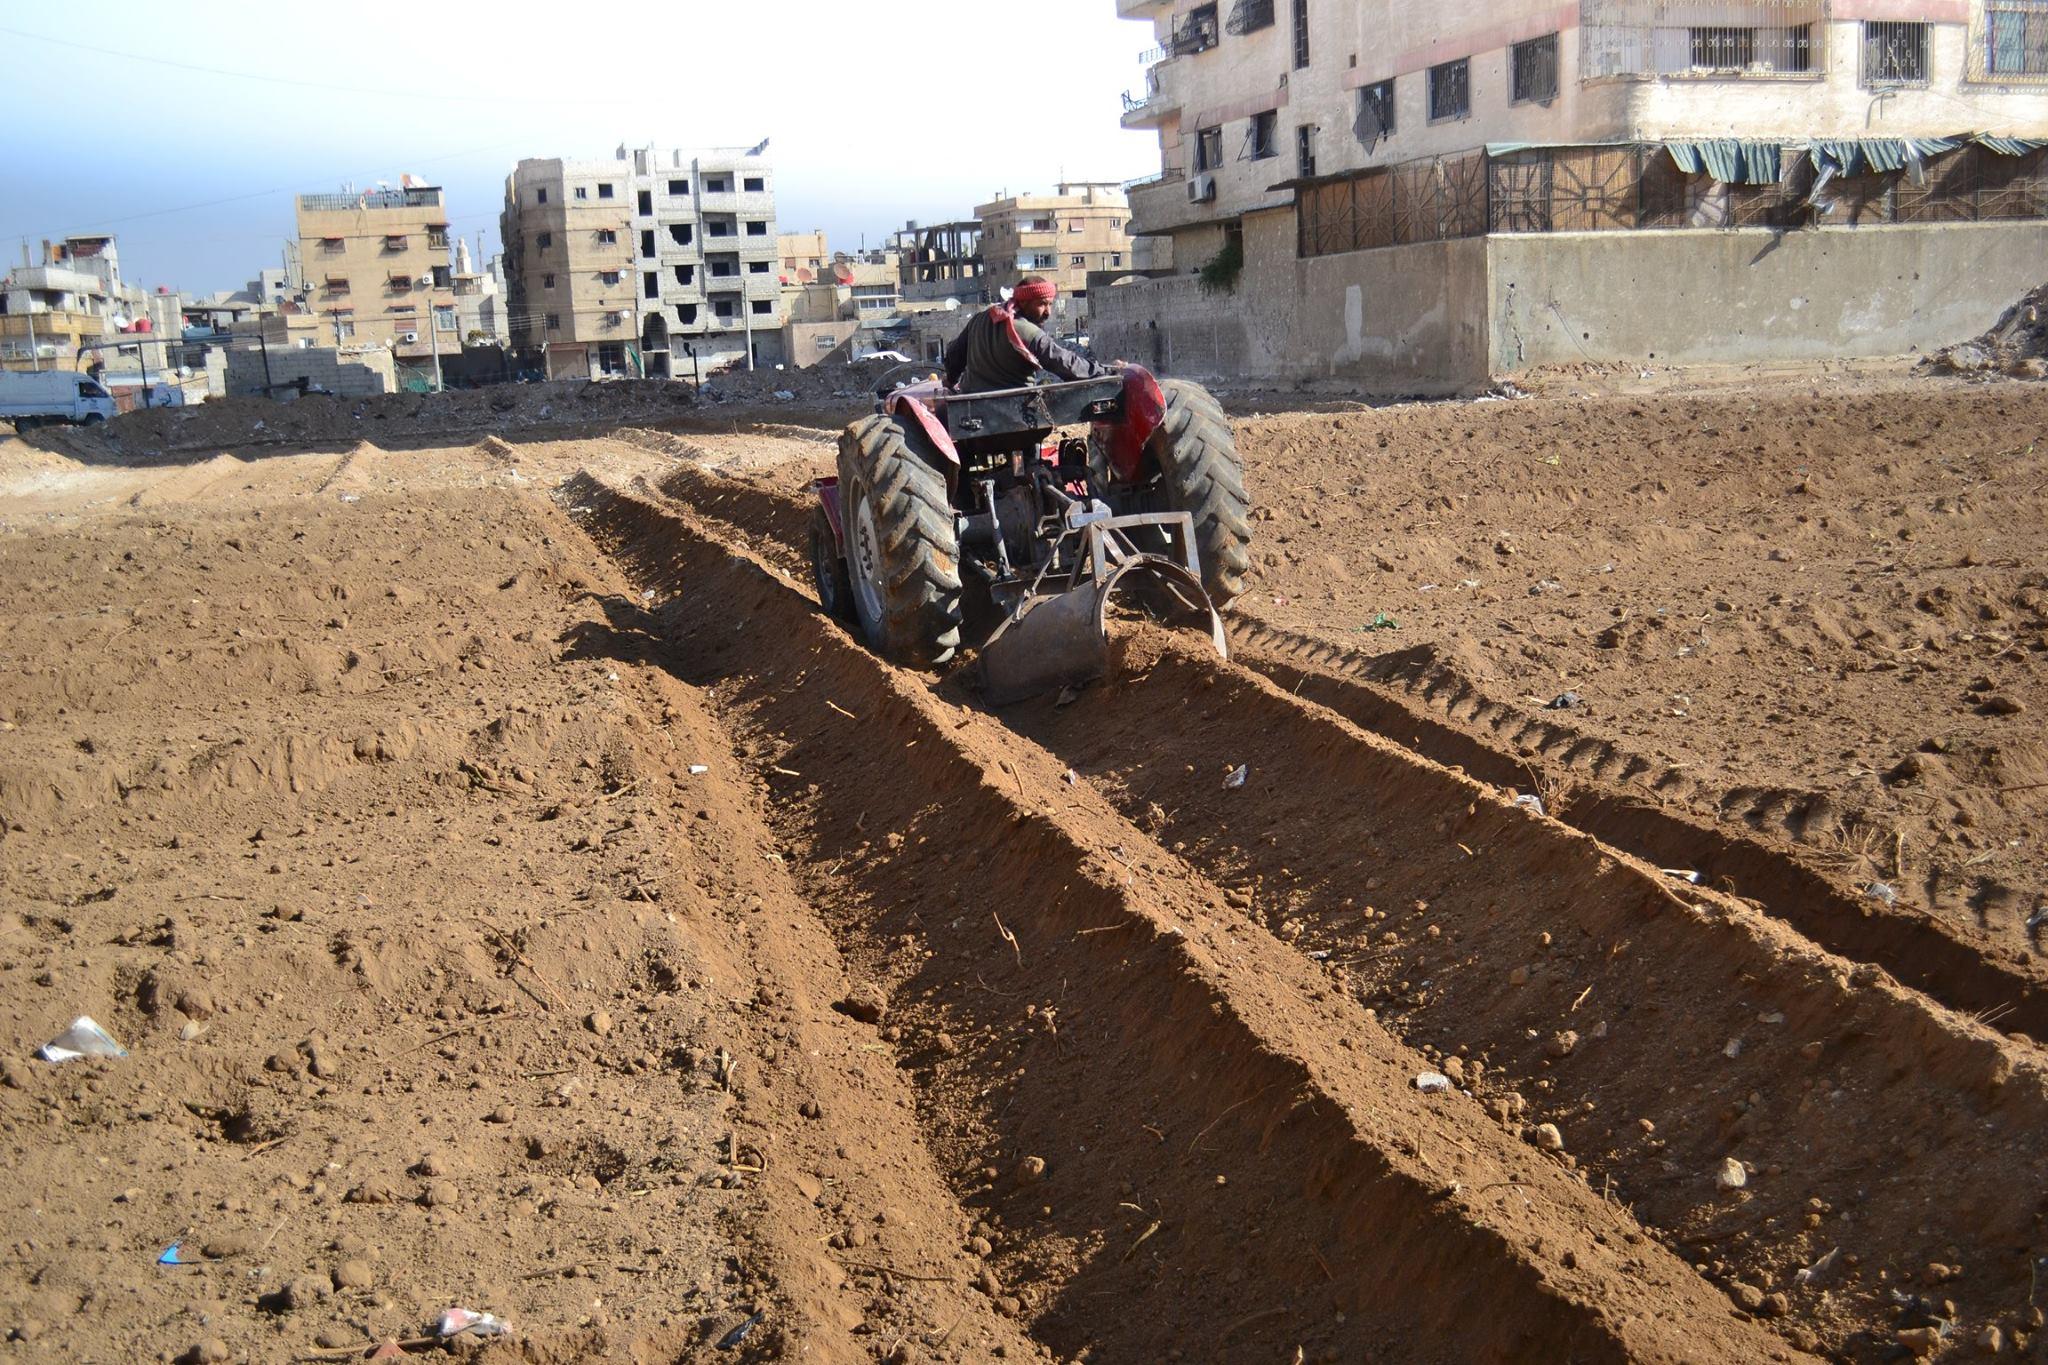 Februar 2016 in Yalda (Süddamaskus). Die Erde wird gepflügt um den Boden für das Bepflanzen mit Weizen vorzubereiten. Fotograf: Abdallah Al Khatib